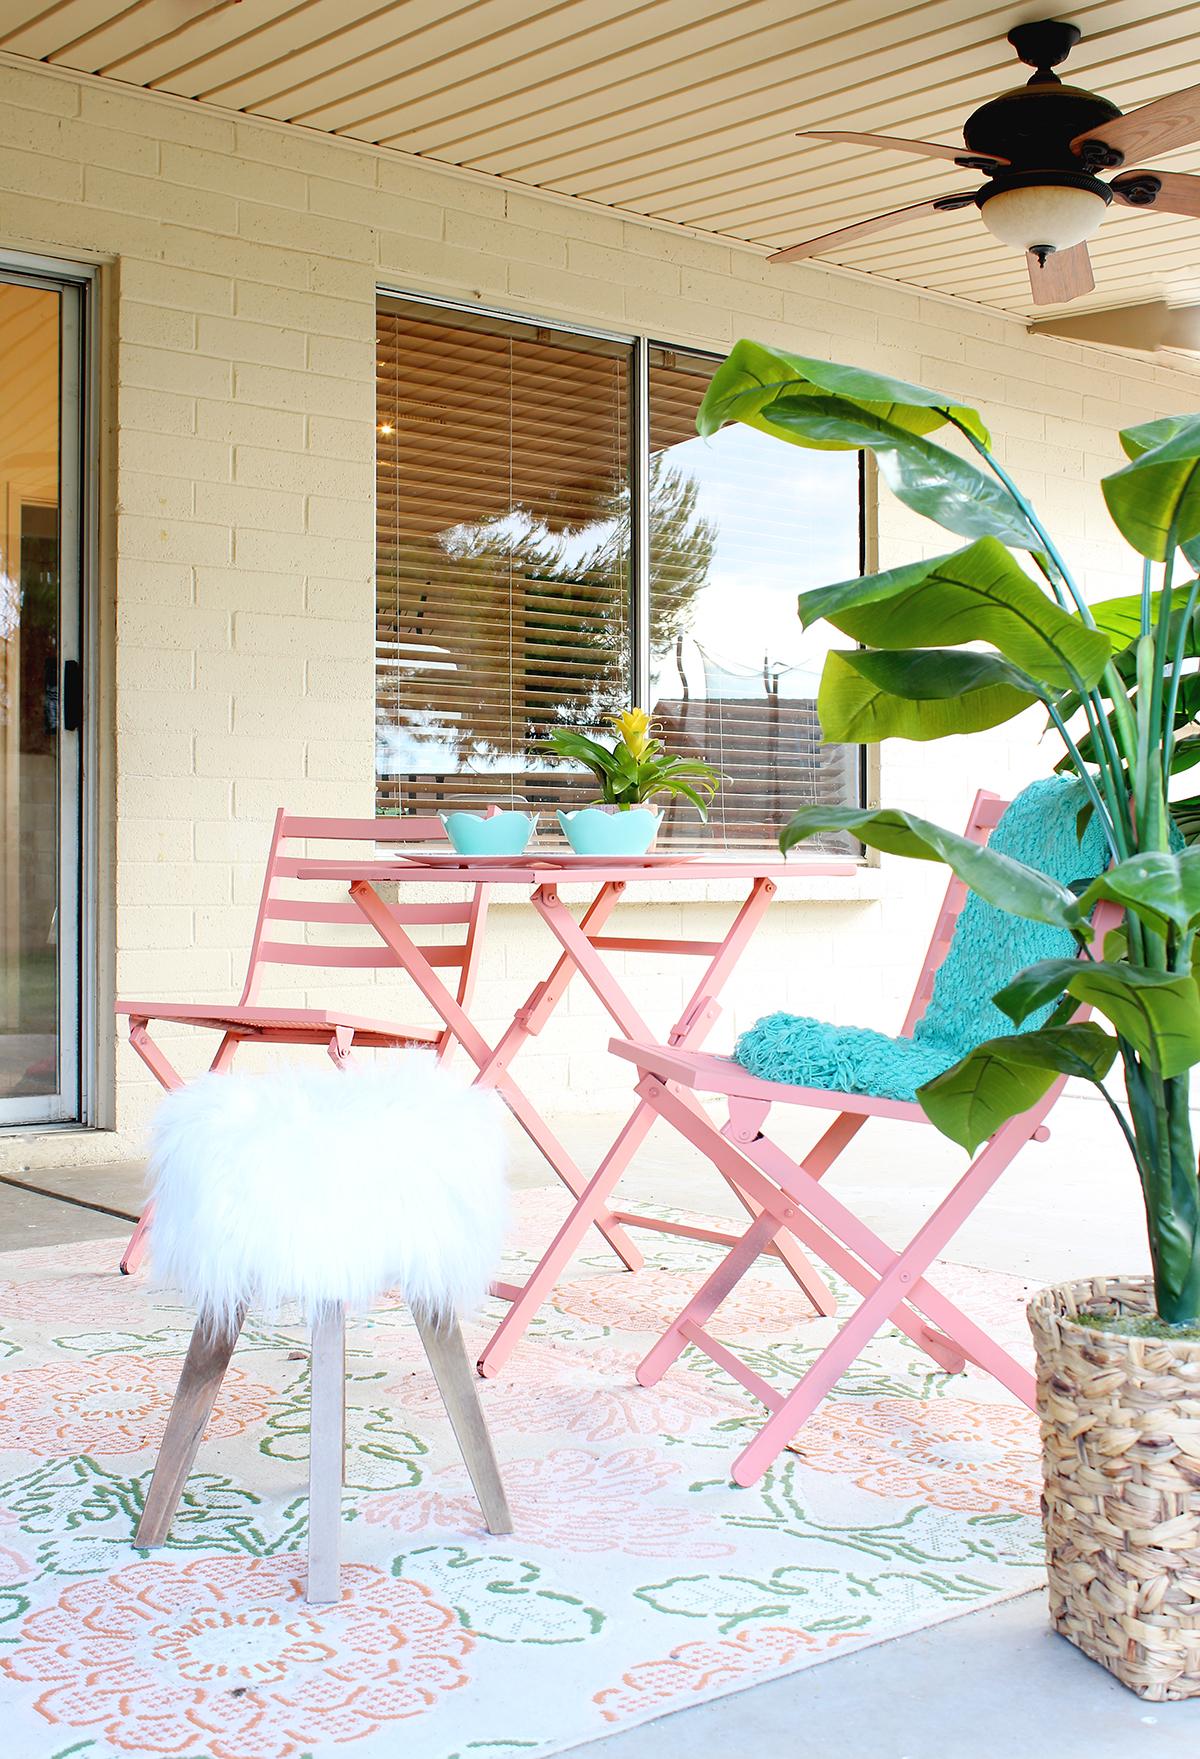 Outdoor Lounge Space - www.classyclutter.net